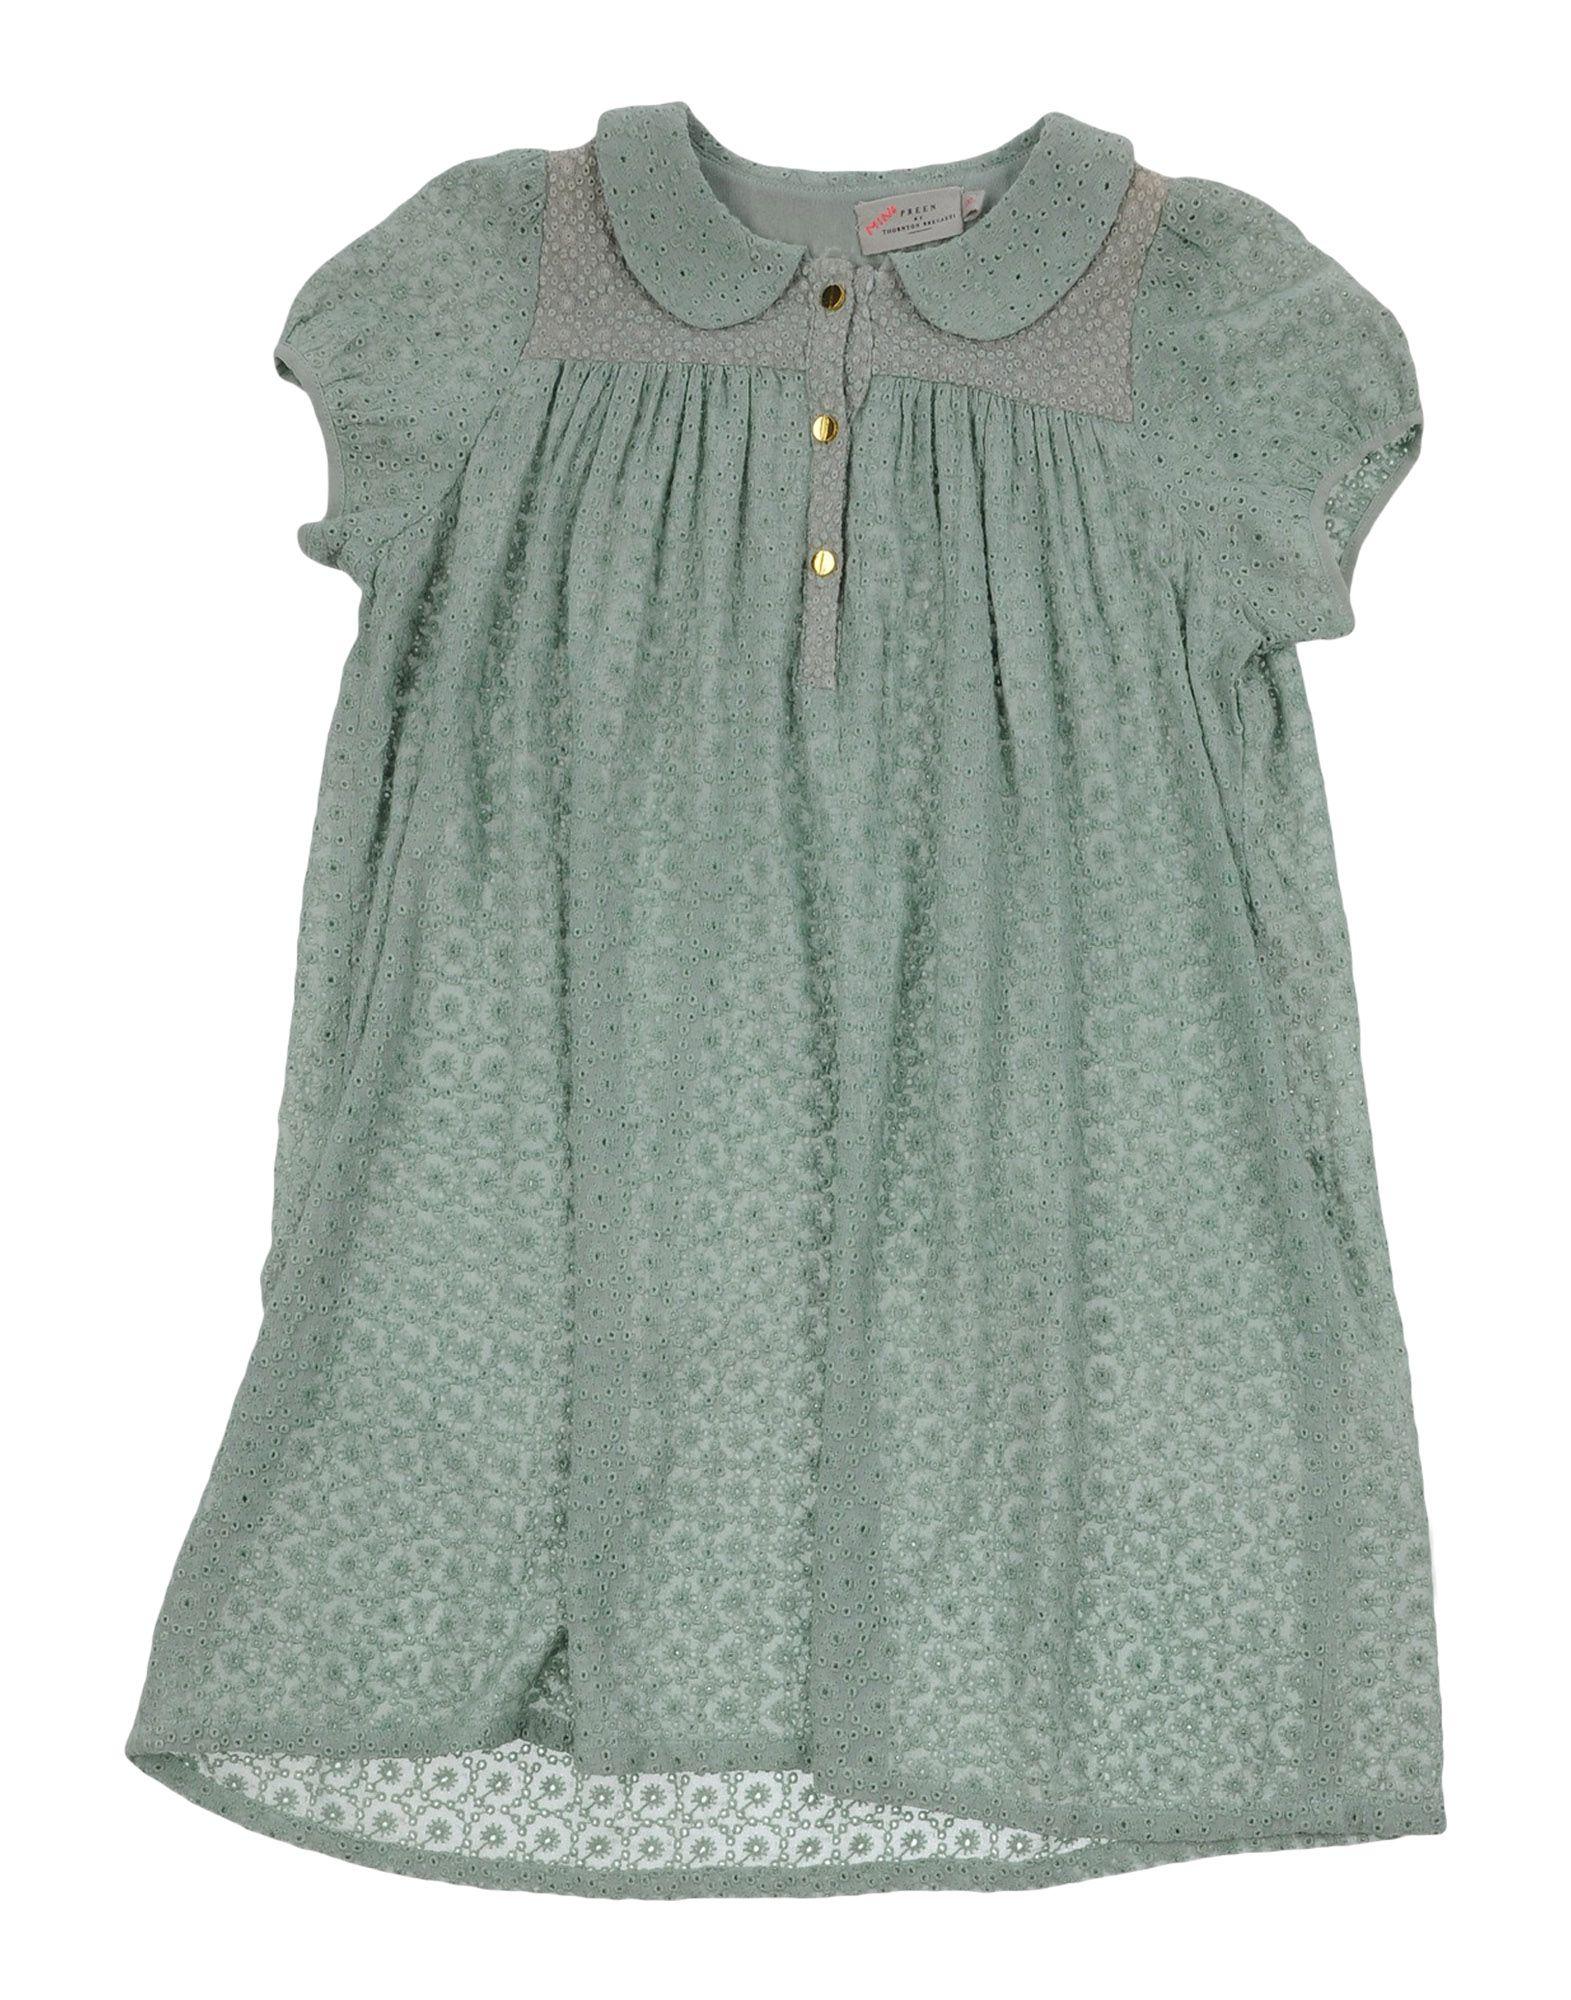 PREEN by THORNTON BREGAZZI Mädchen 3-8 jahre Kleid Farbe Militärgrün Größe 6